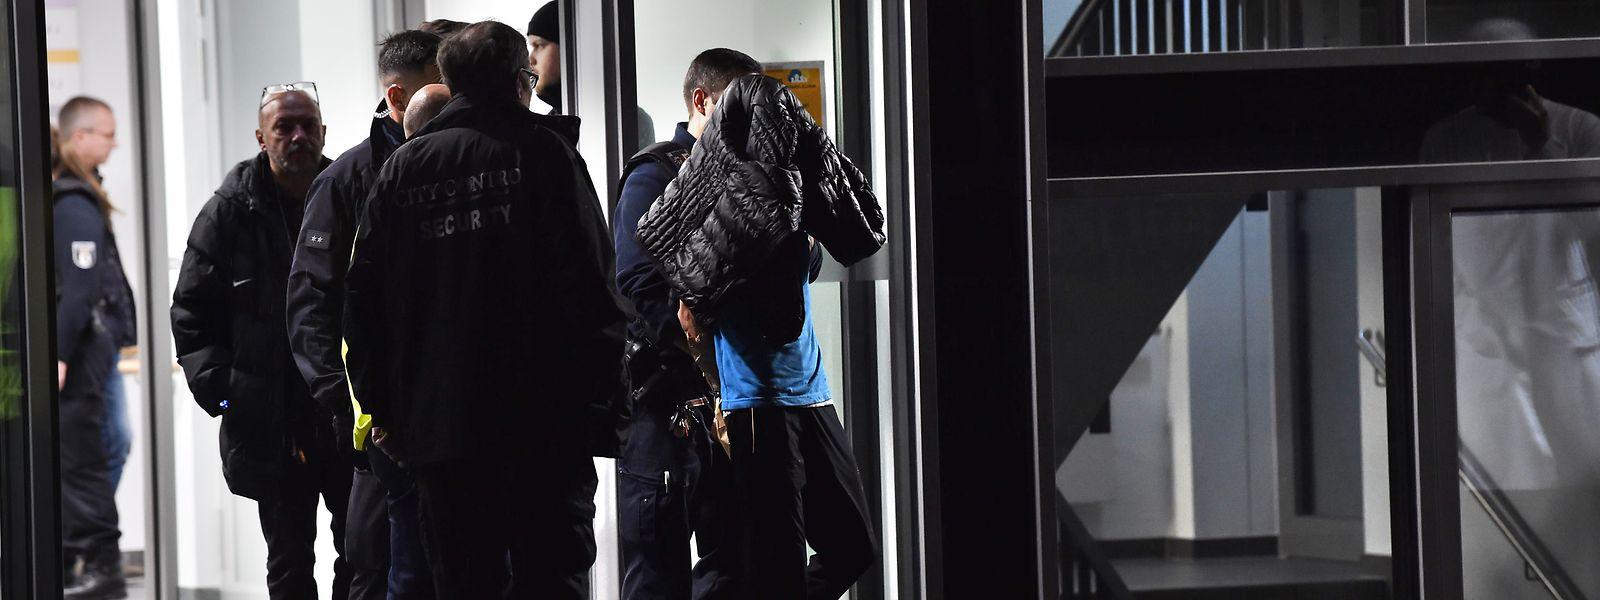 Der mutmaßliche Täter wird aus der Berliner Schlosspark-Klinik abgeführt. Er soll zuvor den Arzt Fritz von Weizsäcker erstochen haben.